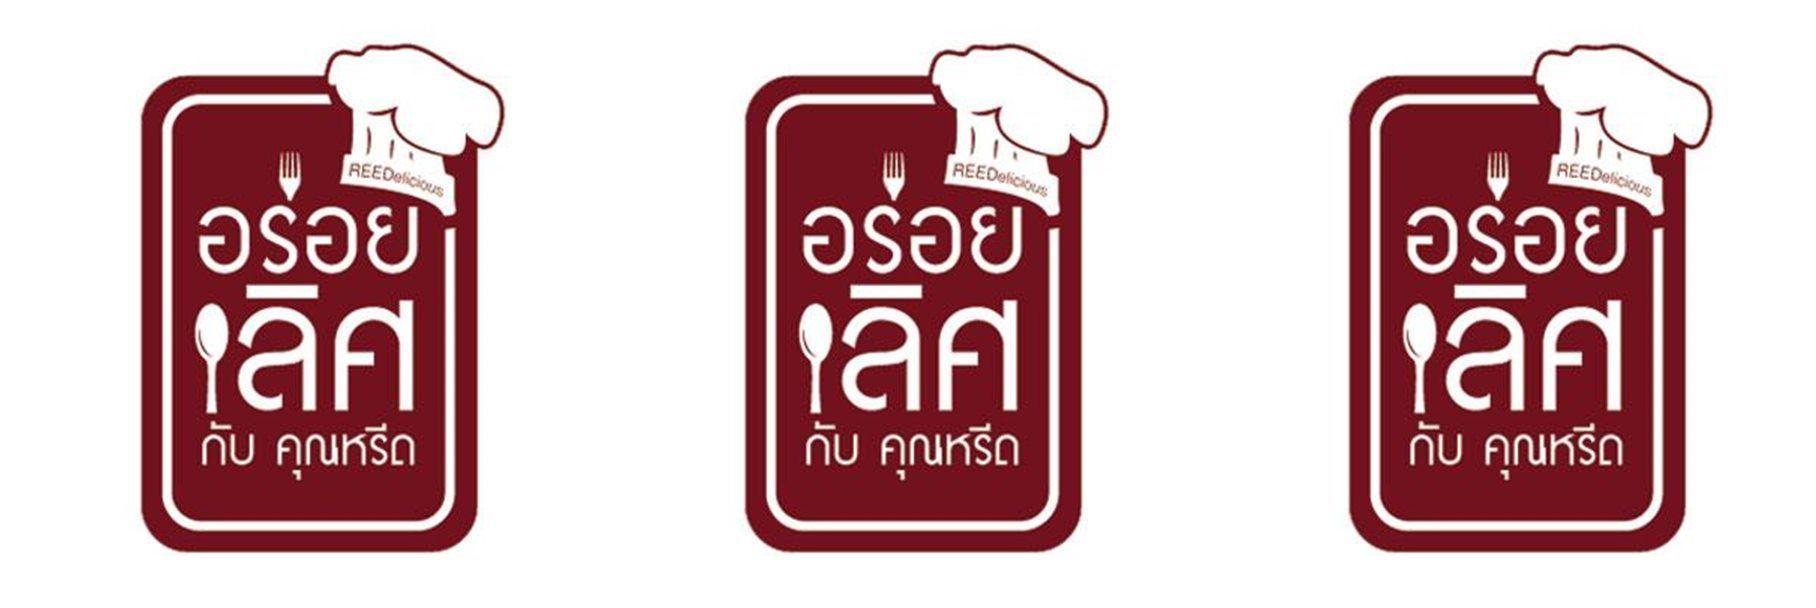 ดูละครย้อนหลัง ปอเปี๊ยะฮ่องเต้ เมนูเด็ดครัวชายคลอง | อร่อยเลิศกับคุณหรีด | 17 เม.ย. 62